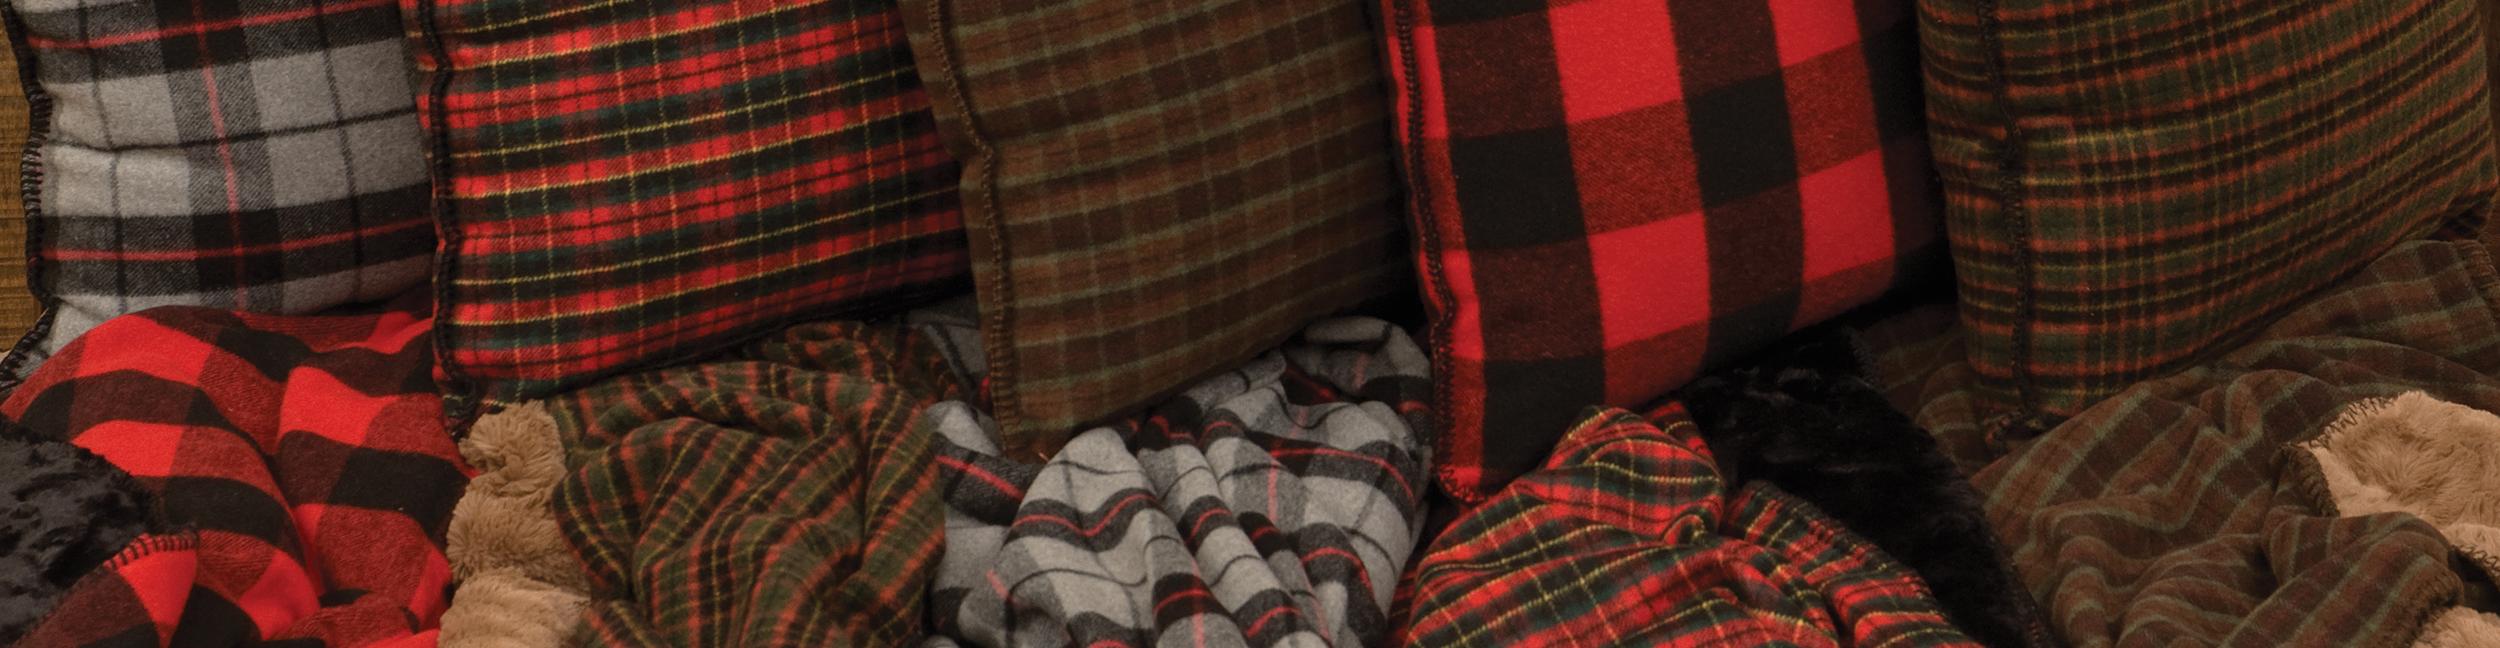 Premier Plaid Throws & Pillows